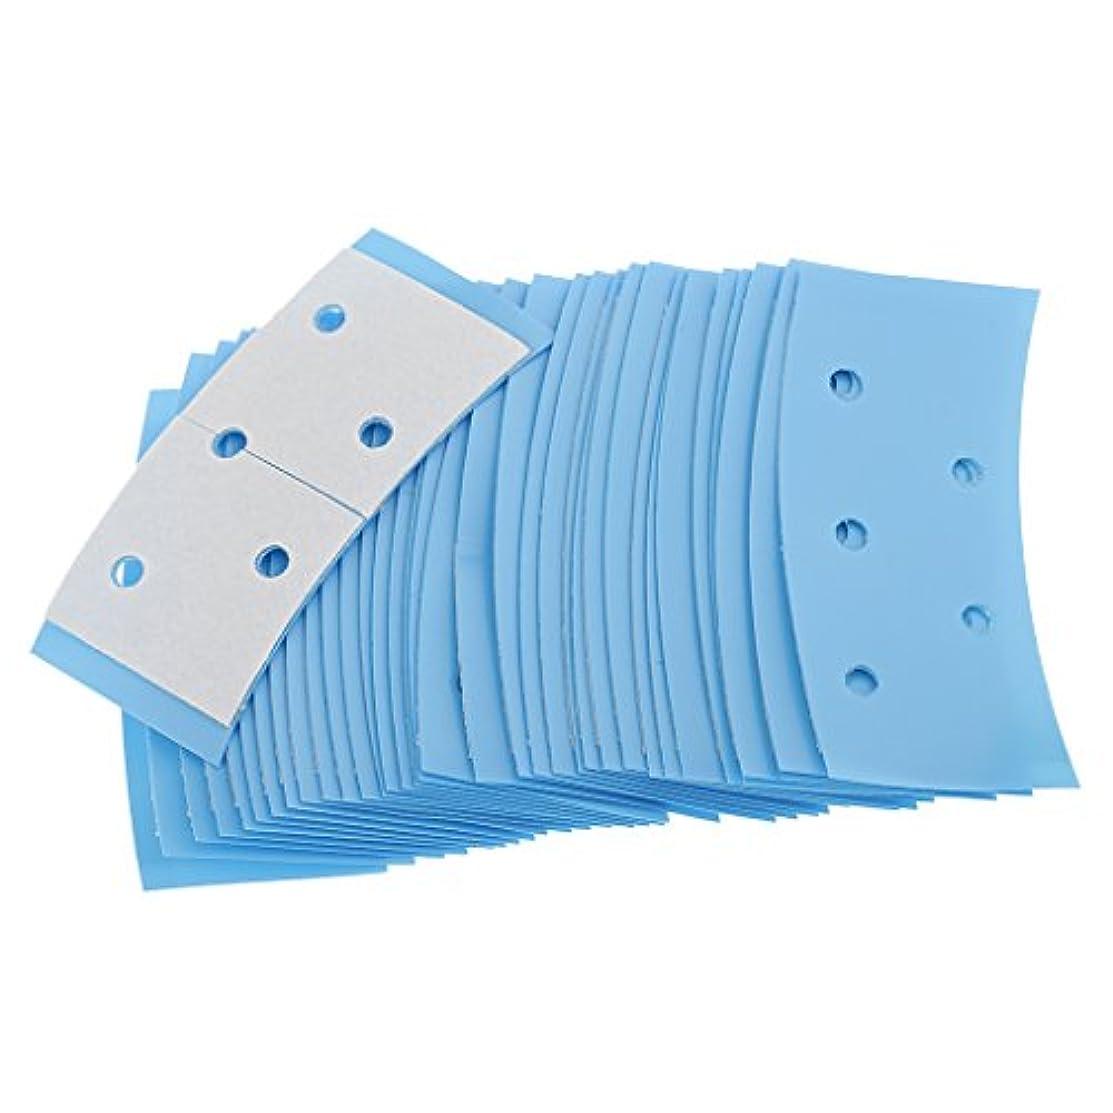 ガイドライン過度にアセ両面テープ ヘアシステムテープ 両面接着テープ かつら用 約36枚セット